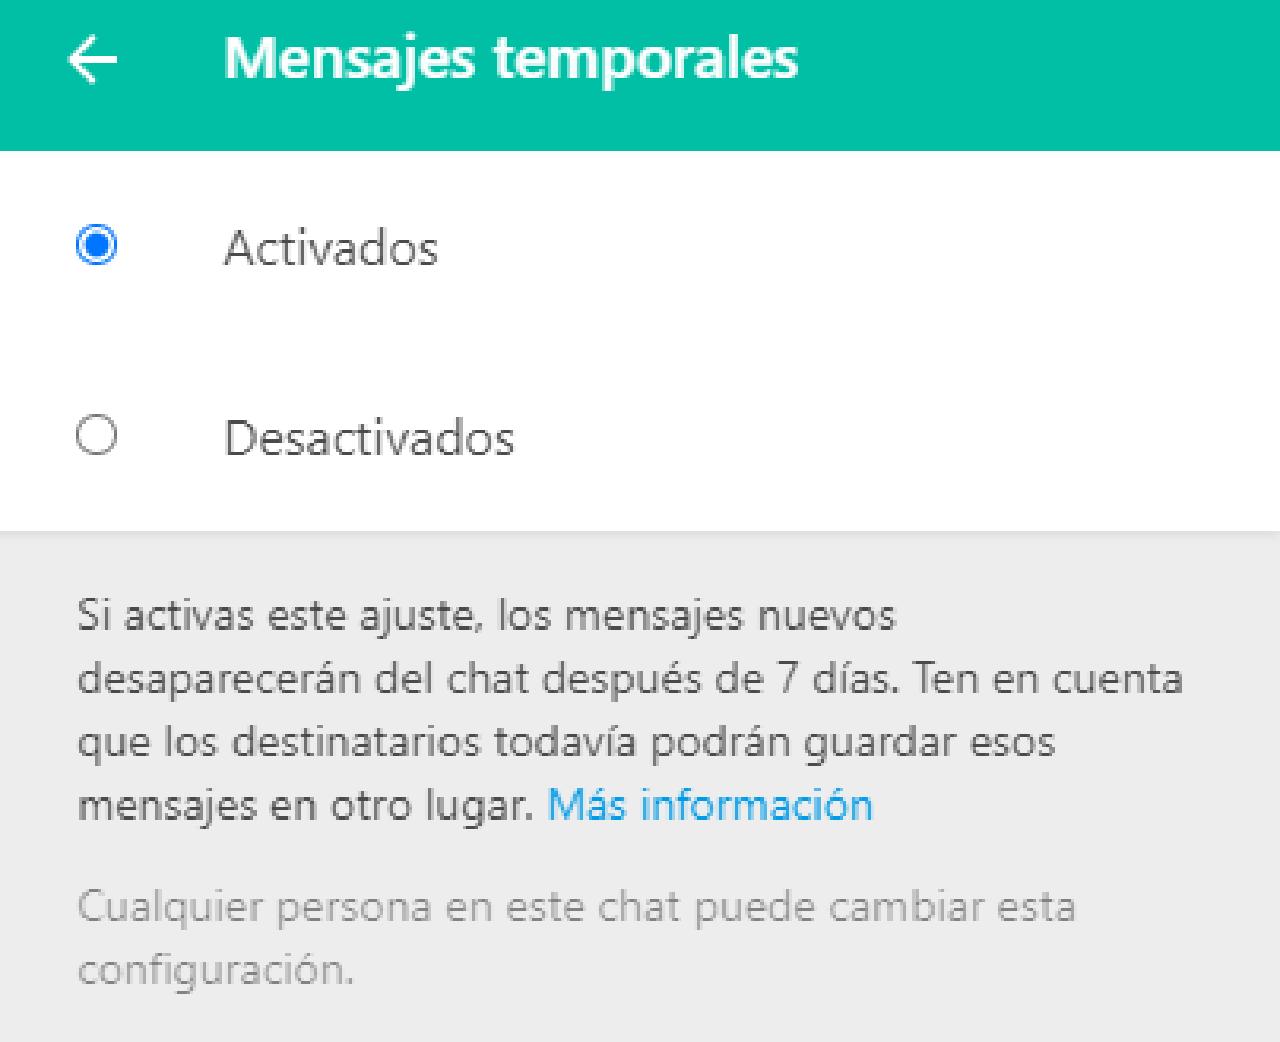 whatsapp web mensajes temporales configuración ordenador